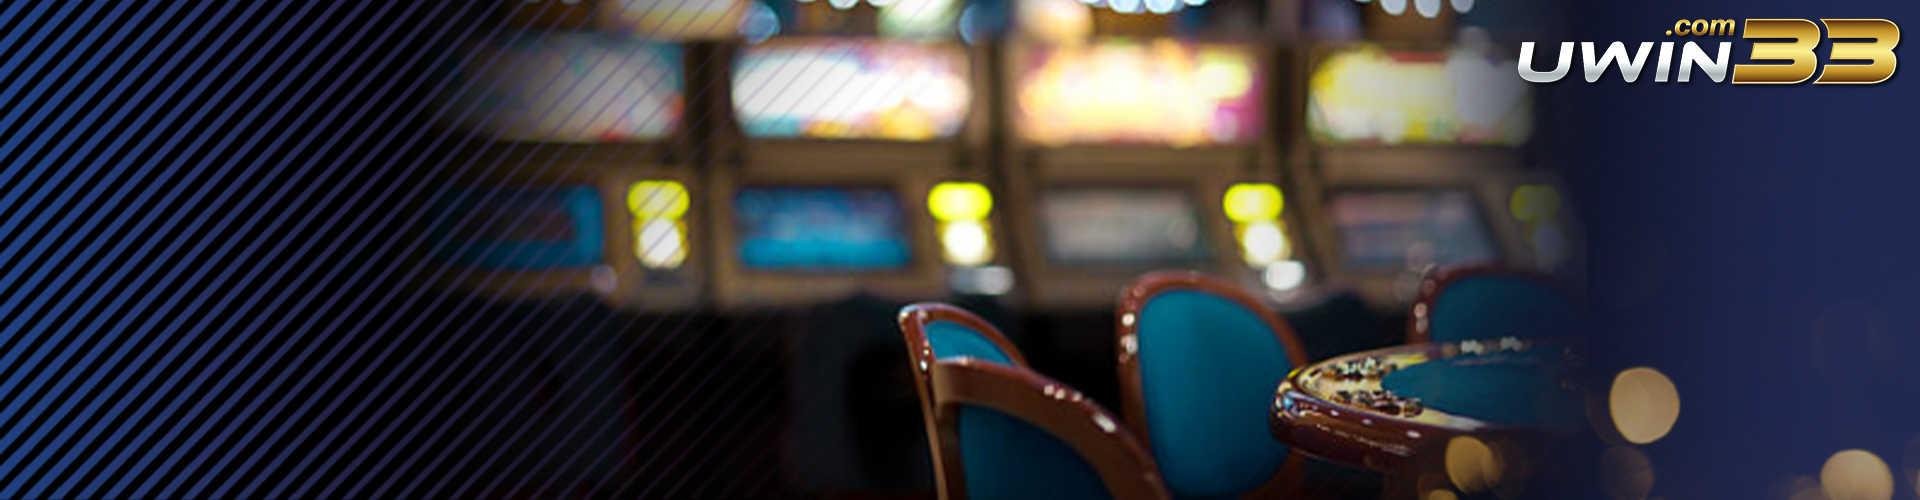 Land Based Casino